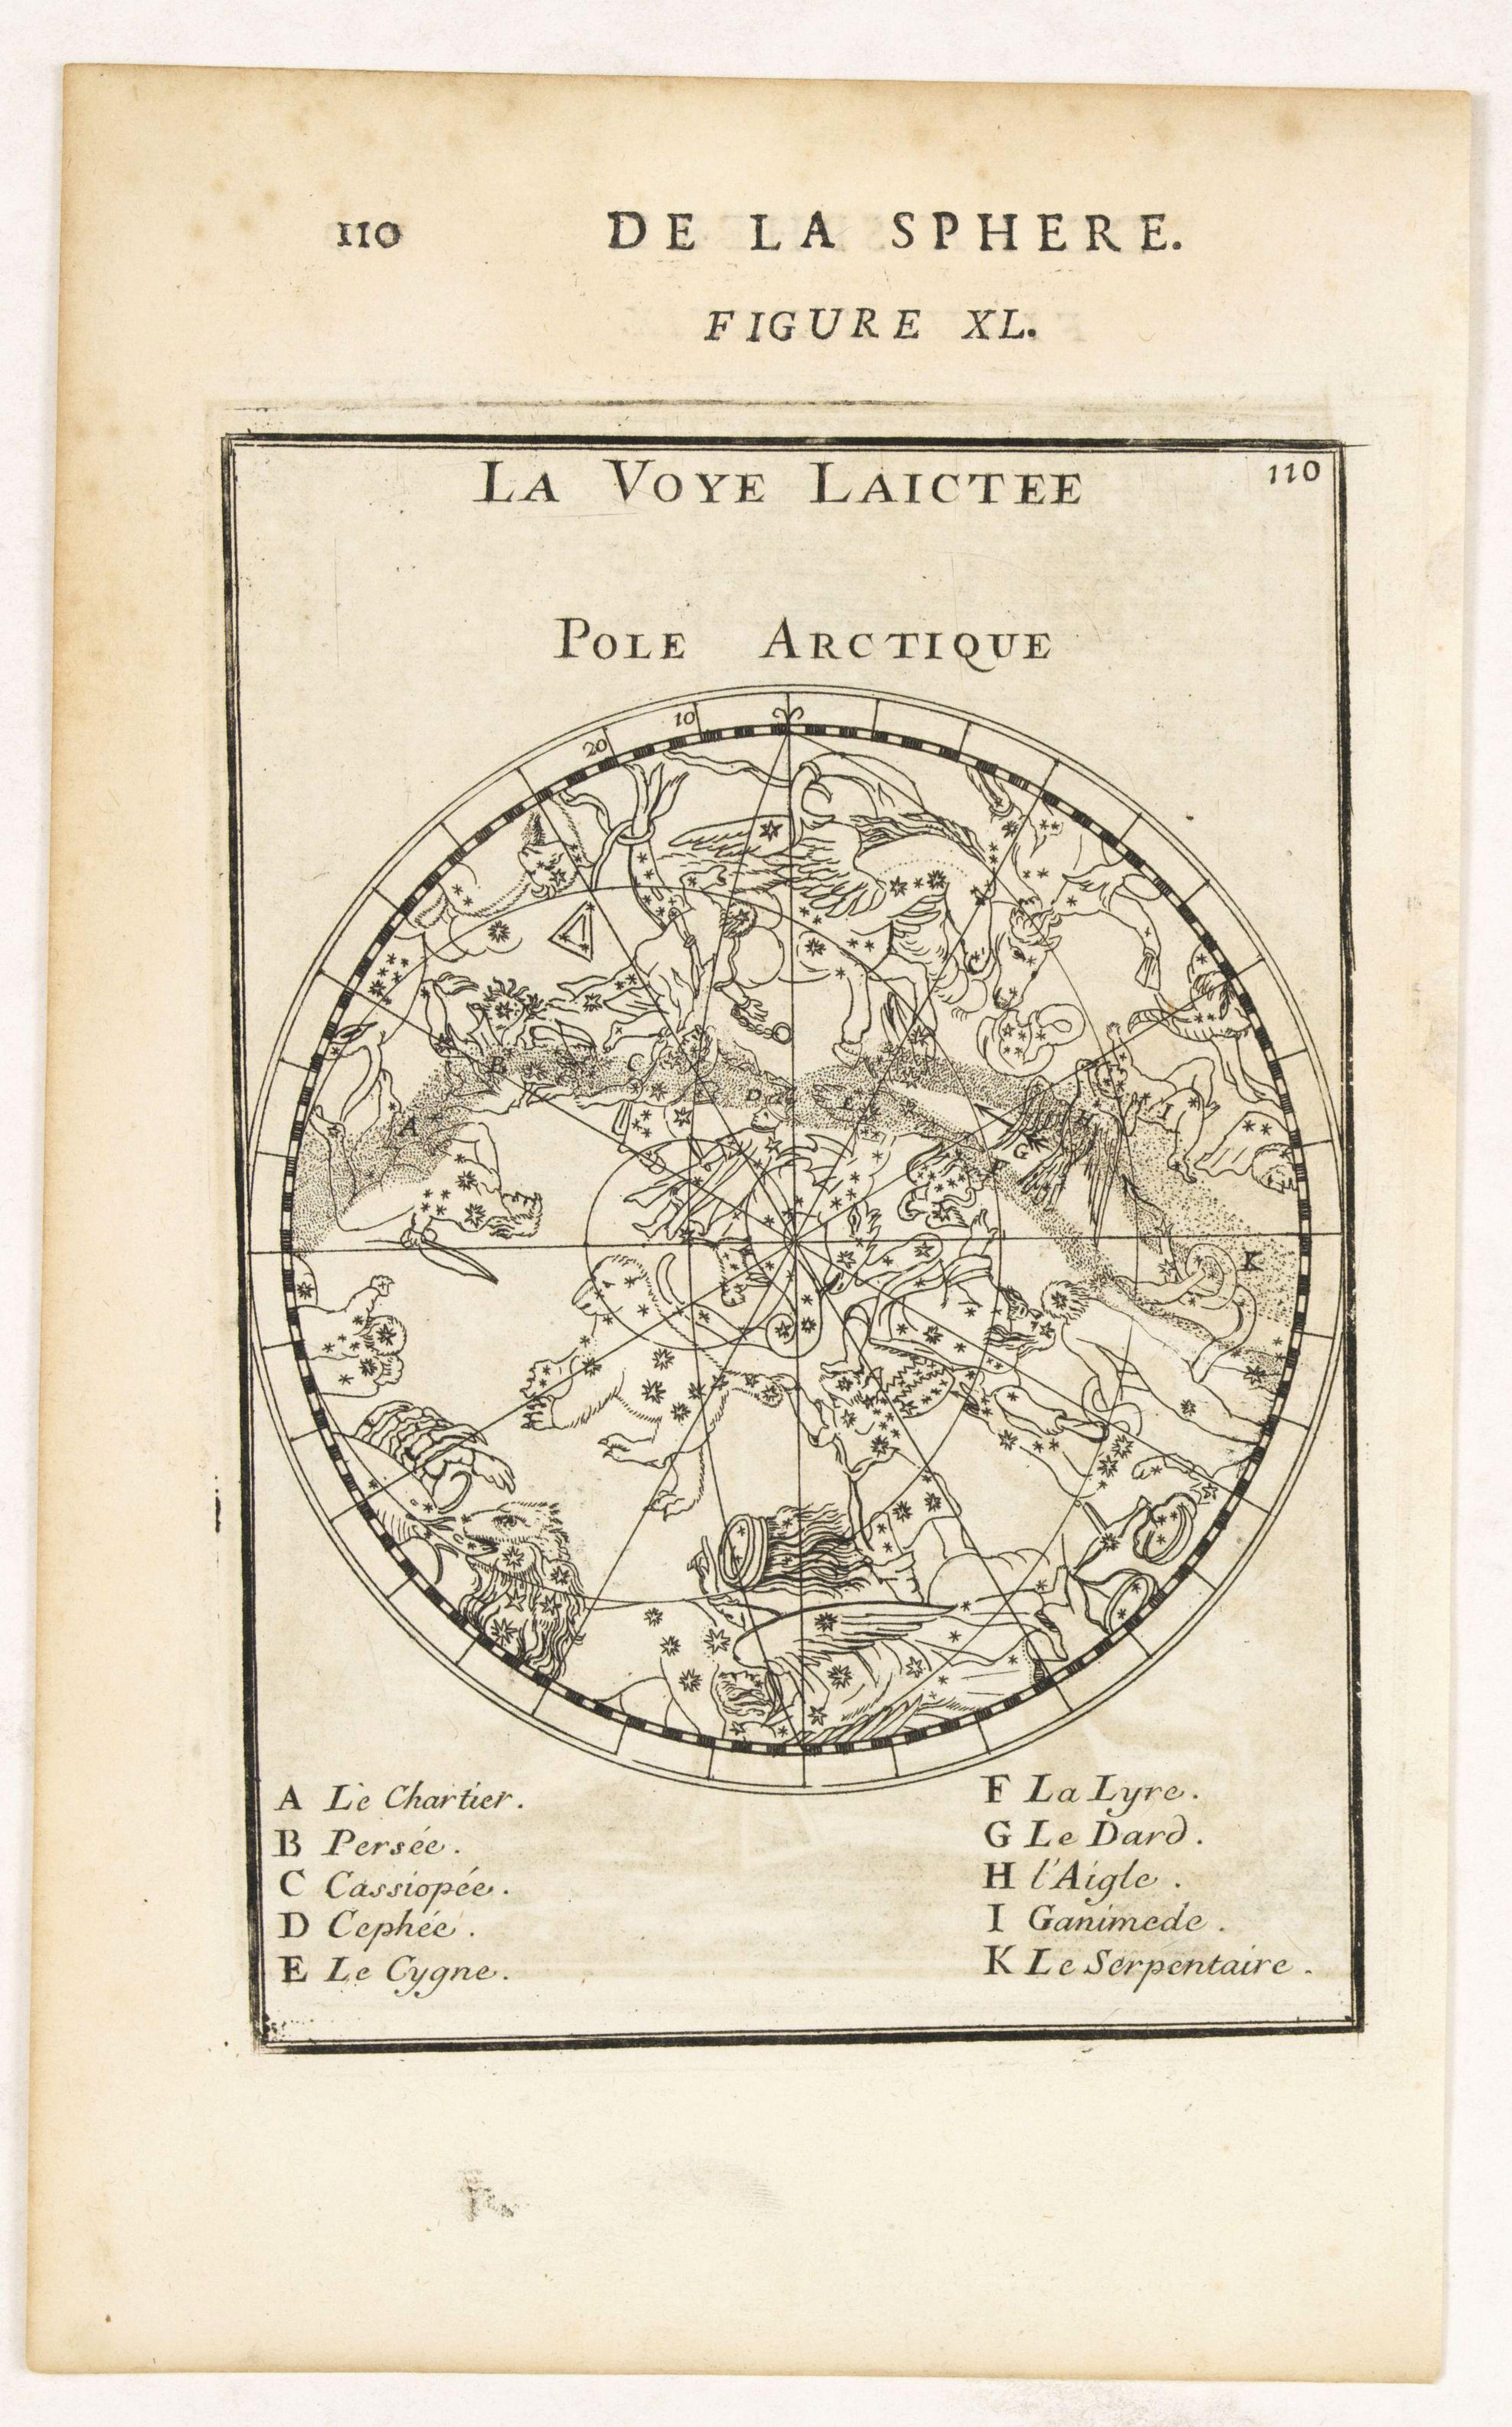 MALLET, A.M. -  La Voye Laictee, Pole Arctique. [Figure XXXIX. On verso]